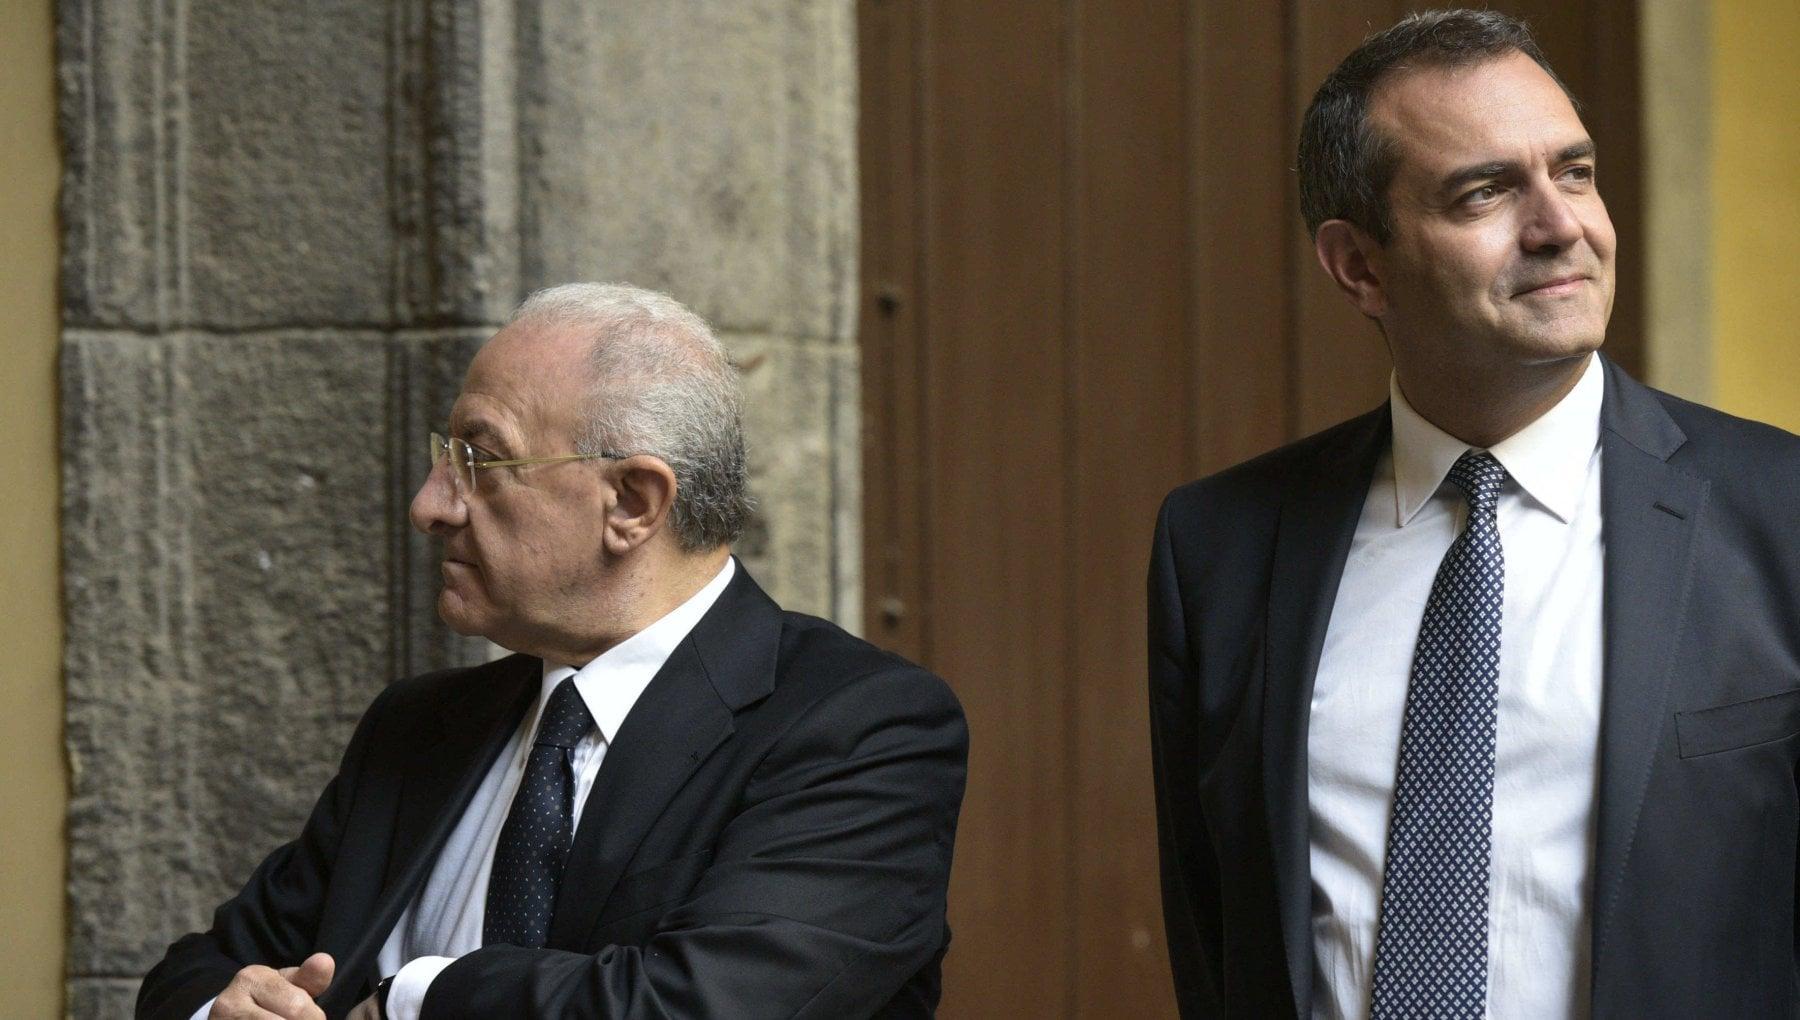 Quanto stona adesso il duello permanente tra i due vicere De Luca e De Magistris